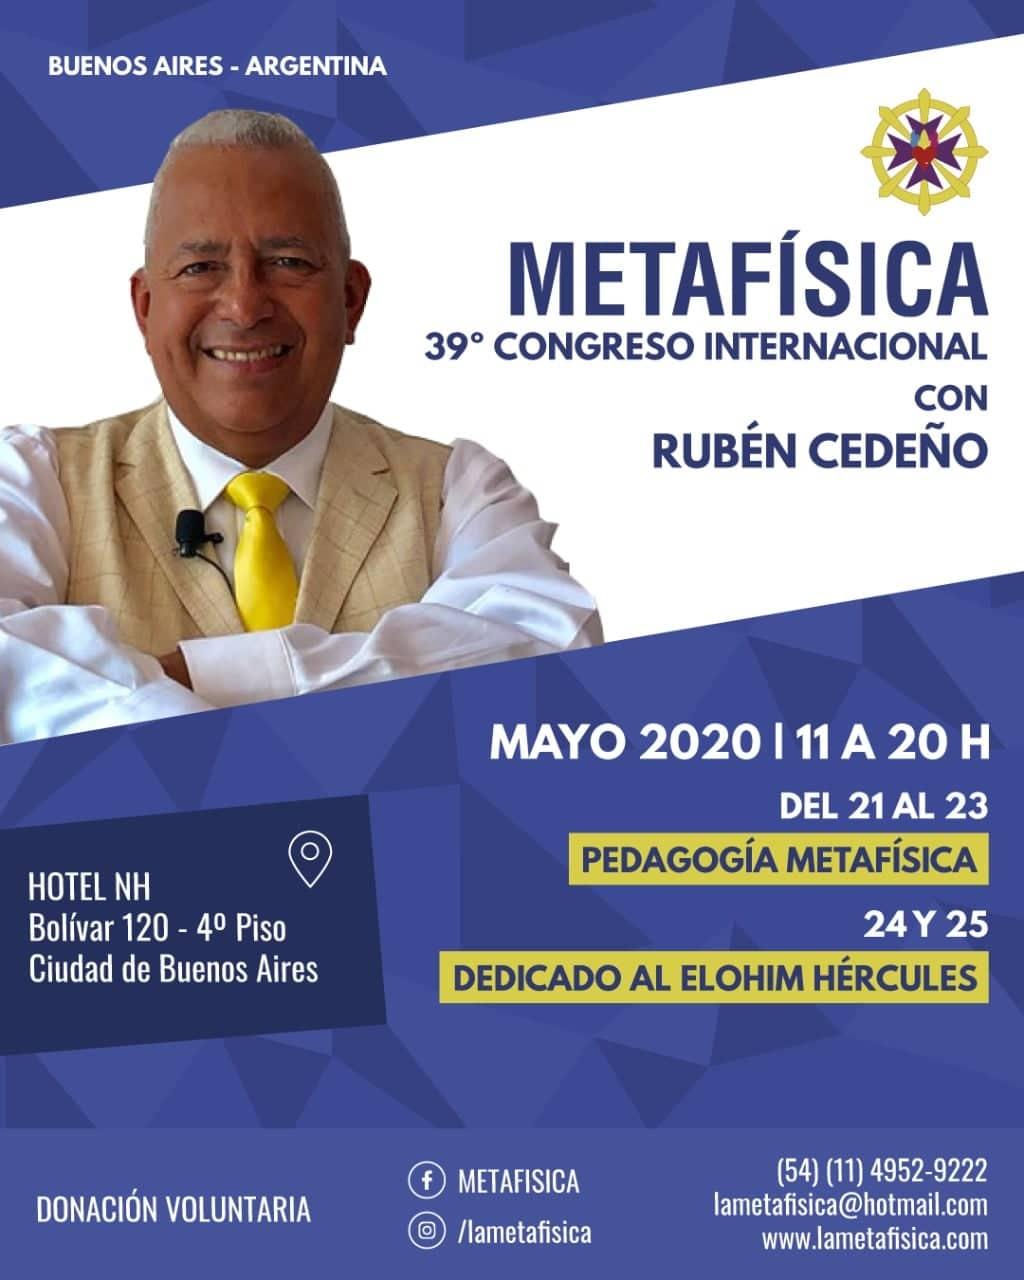 CIUDAD DE BUENOS AIRES - ARGENTINA